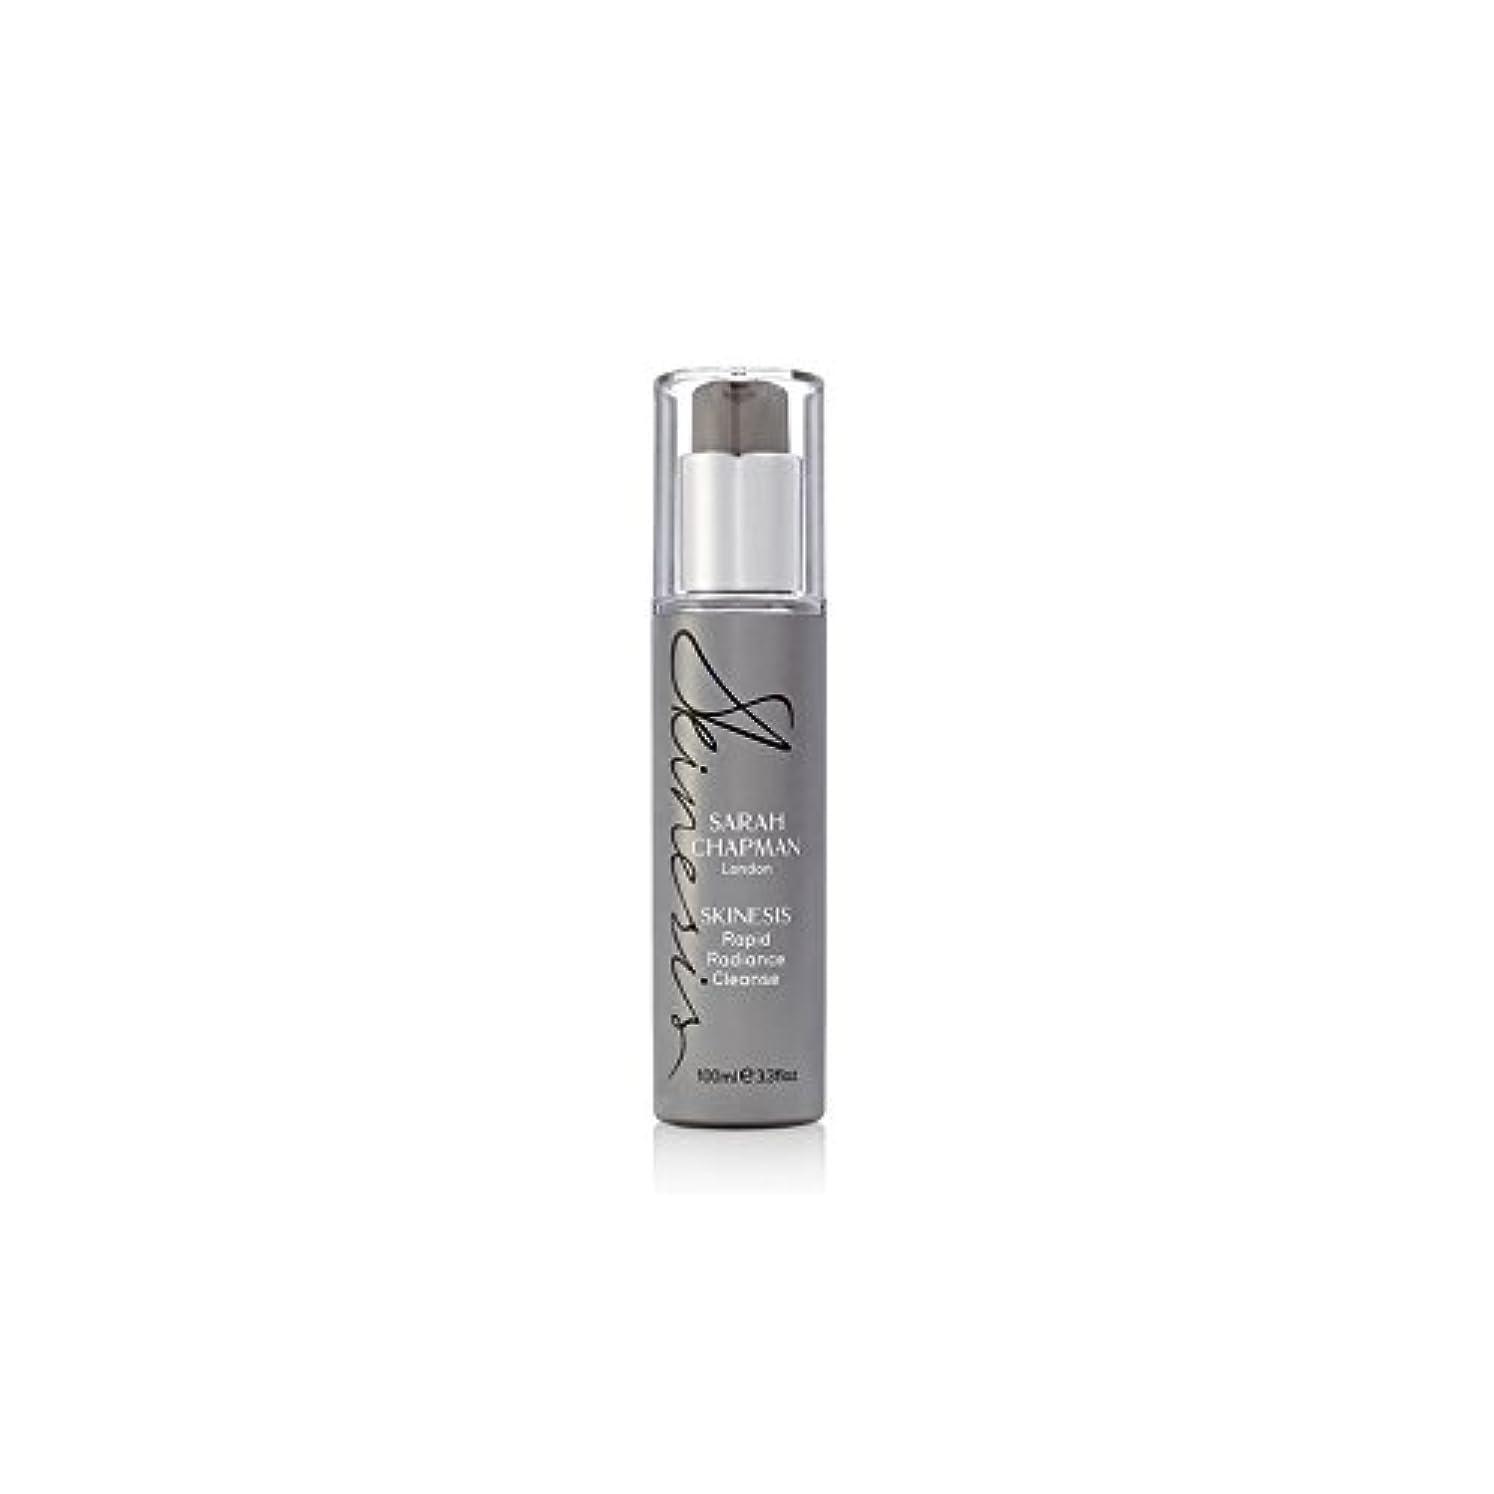 デコレーションタンパク質不適切なSarah Chapman Skinesis Rapid Radiance Cleanse (100ml) (Pack of 6) - サラ?チャップマン迅速な輝きの浄化(100ミリリットル) x6 [並行輸入品]